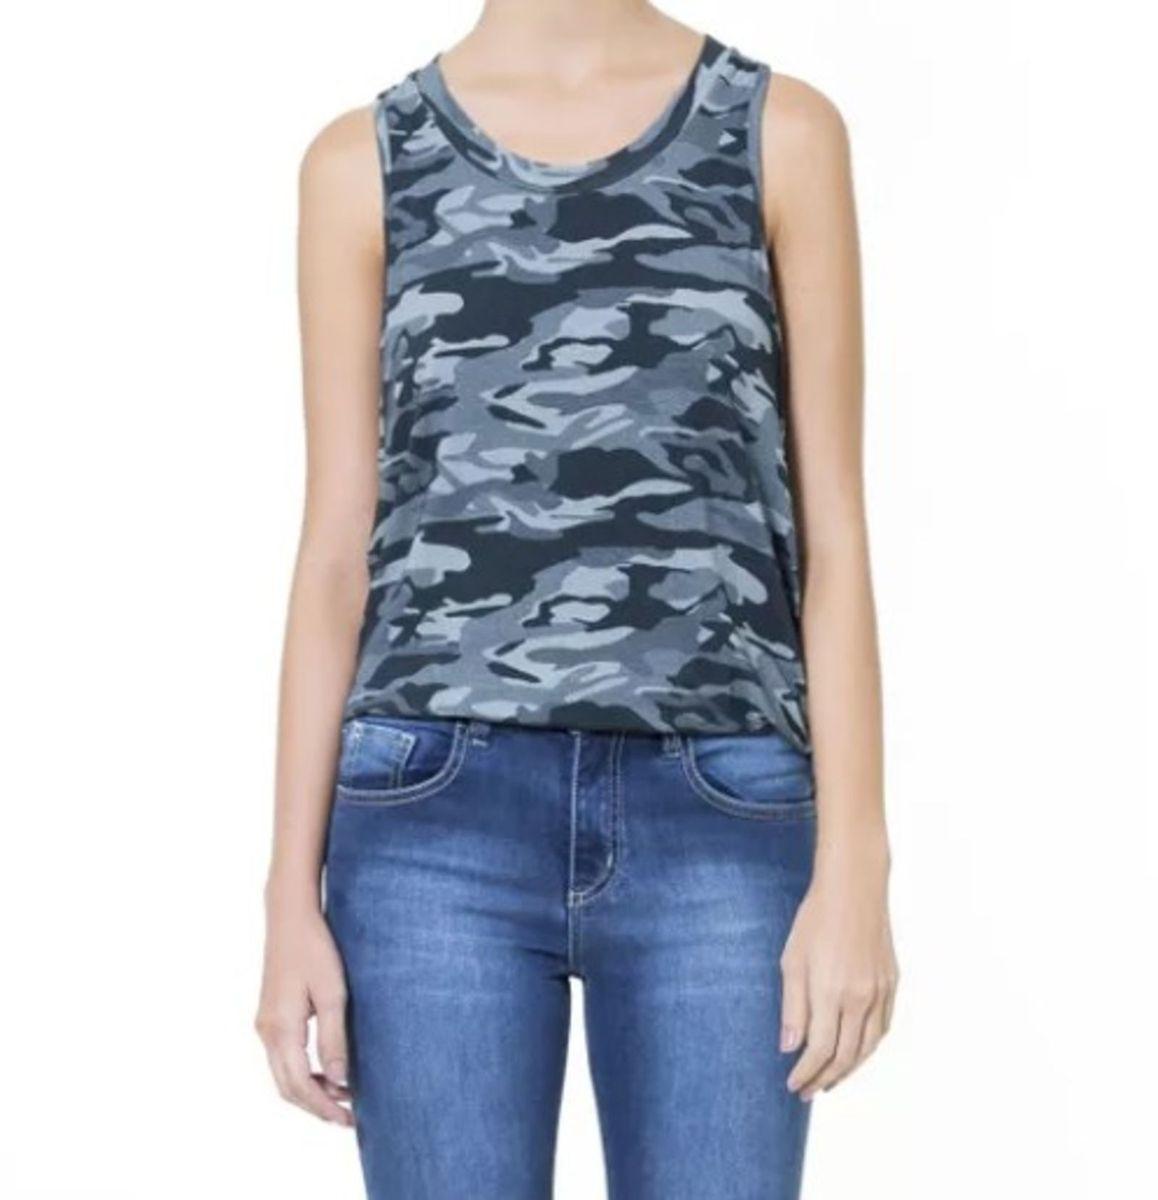 74d17e6f69ee7 camiseta regata camuflada a-teen - blusas ateen.  Czm6ly9wag90b3muzw5qb2vplmnvbs5ici9wcm9kdwn0cy83nde4oc9knmrhn2mwotdkmjiwyjyynda4zge1nmywmtgxywq1yy5qcgc  ...